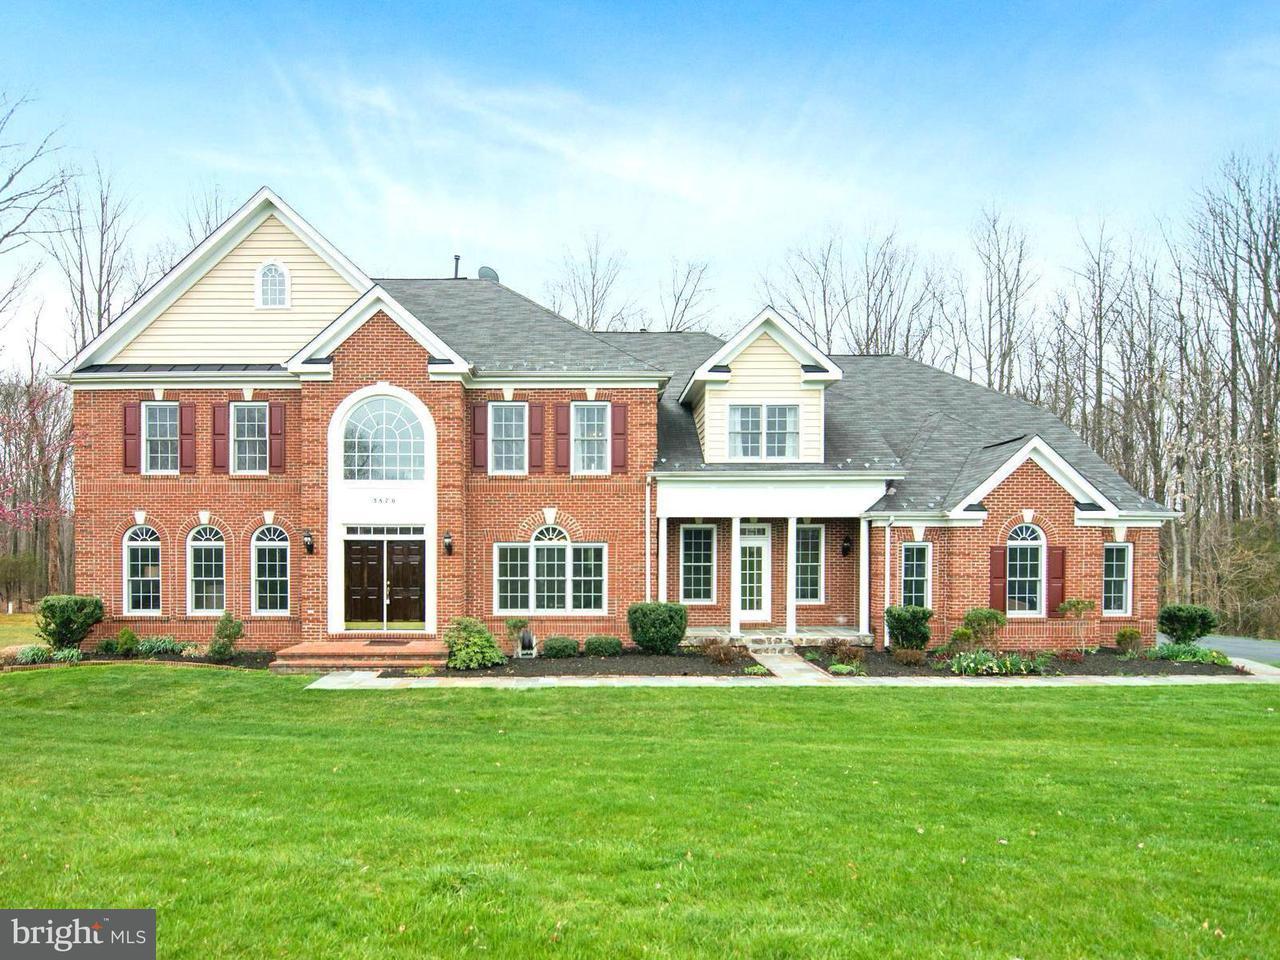 Casa Unifamiliar por un Venta en 3870 AVONLEA WAY 3870 AVONLEA WAY Catharpin, Virginia 20143 Estados Unidos